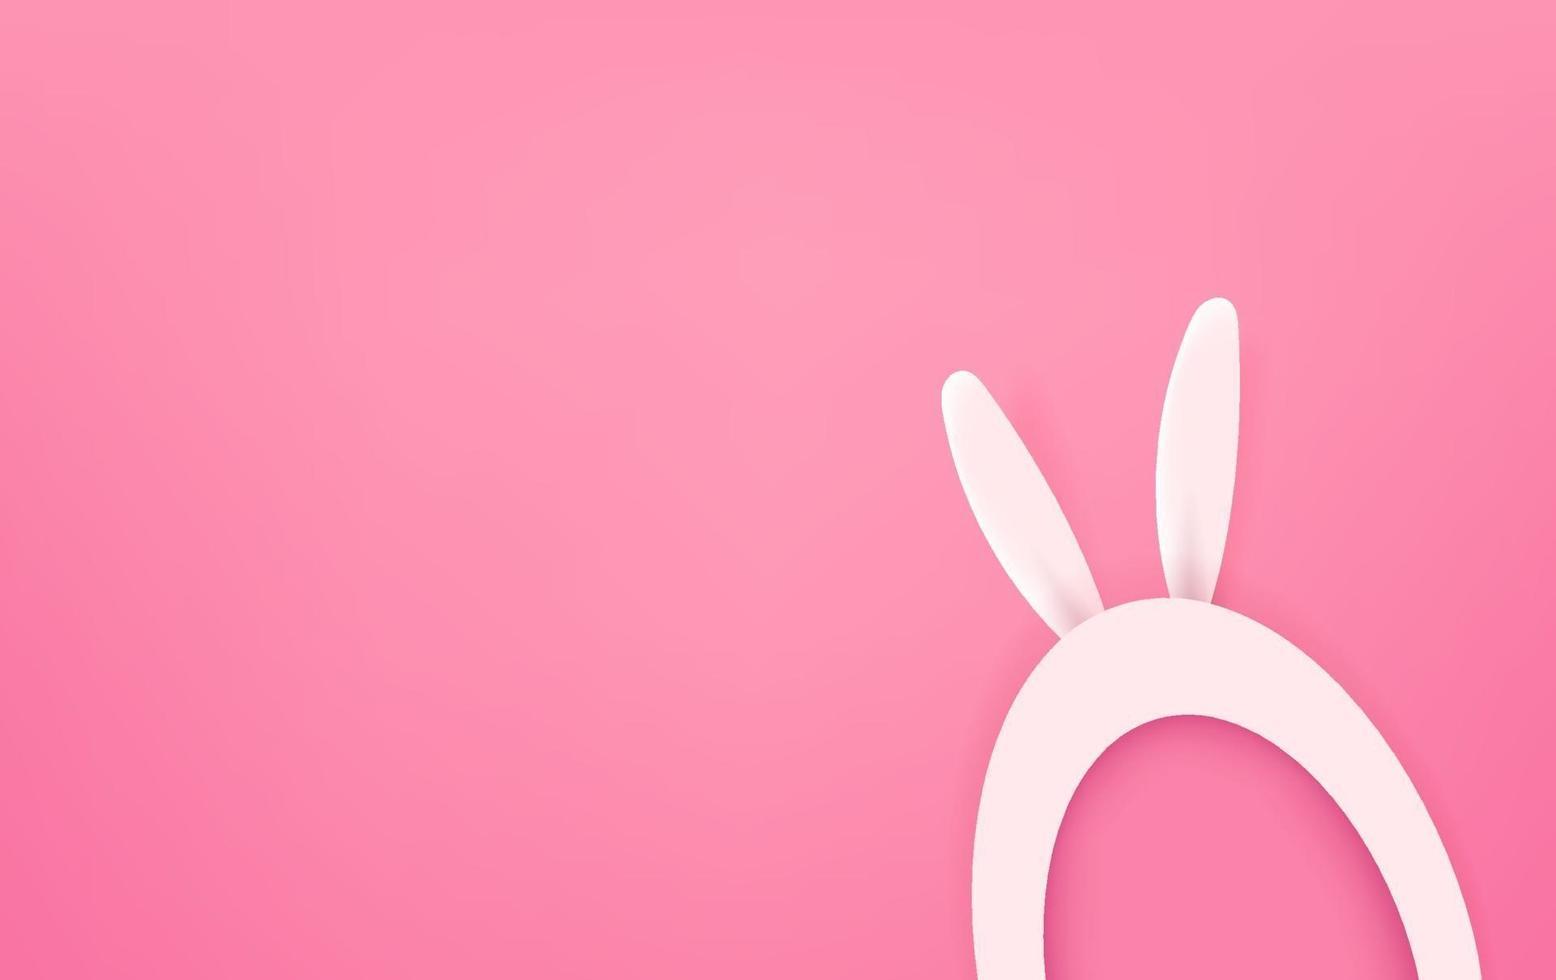 glad påsk vektor gratulationskort frestar med kopia utrymme. söt cutout stil vektorillustration